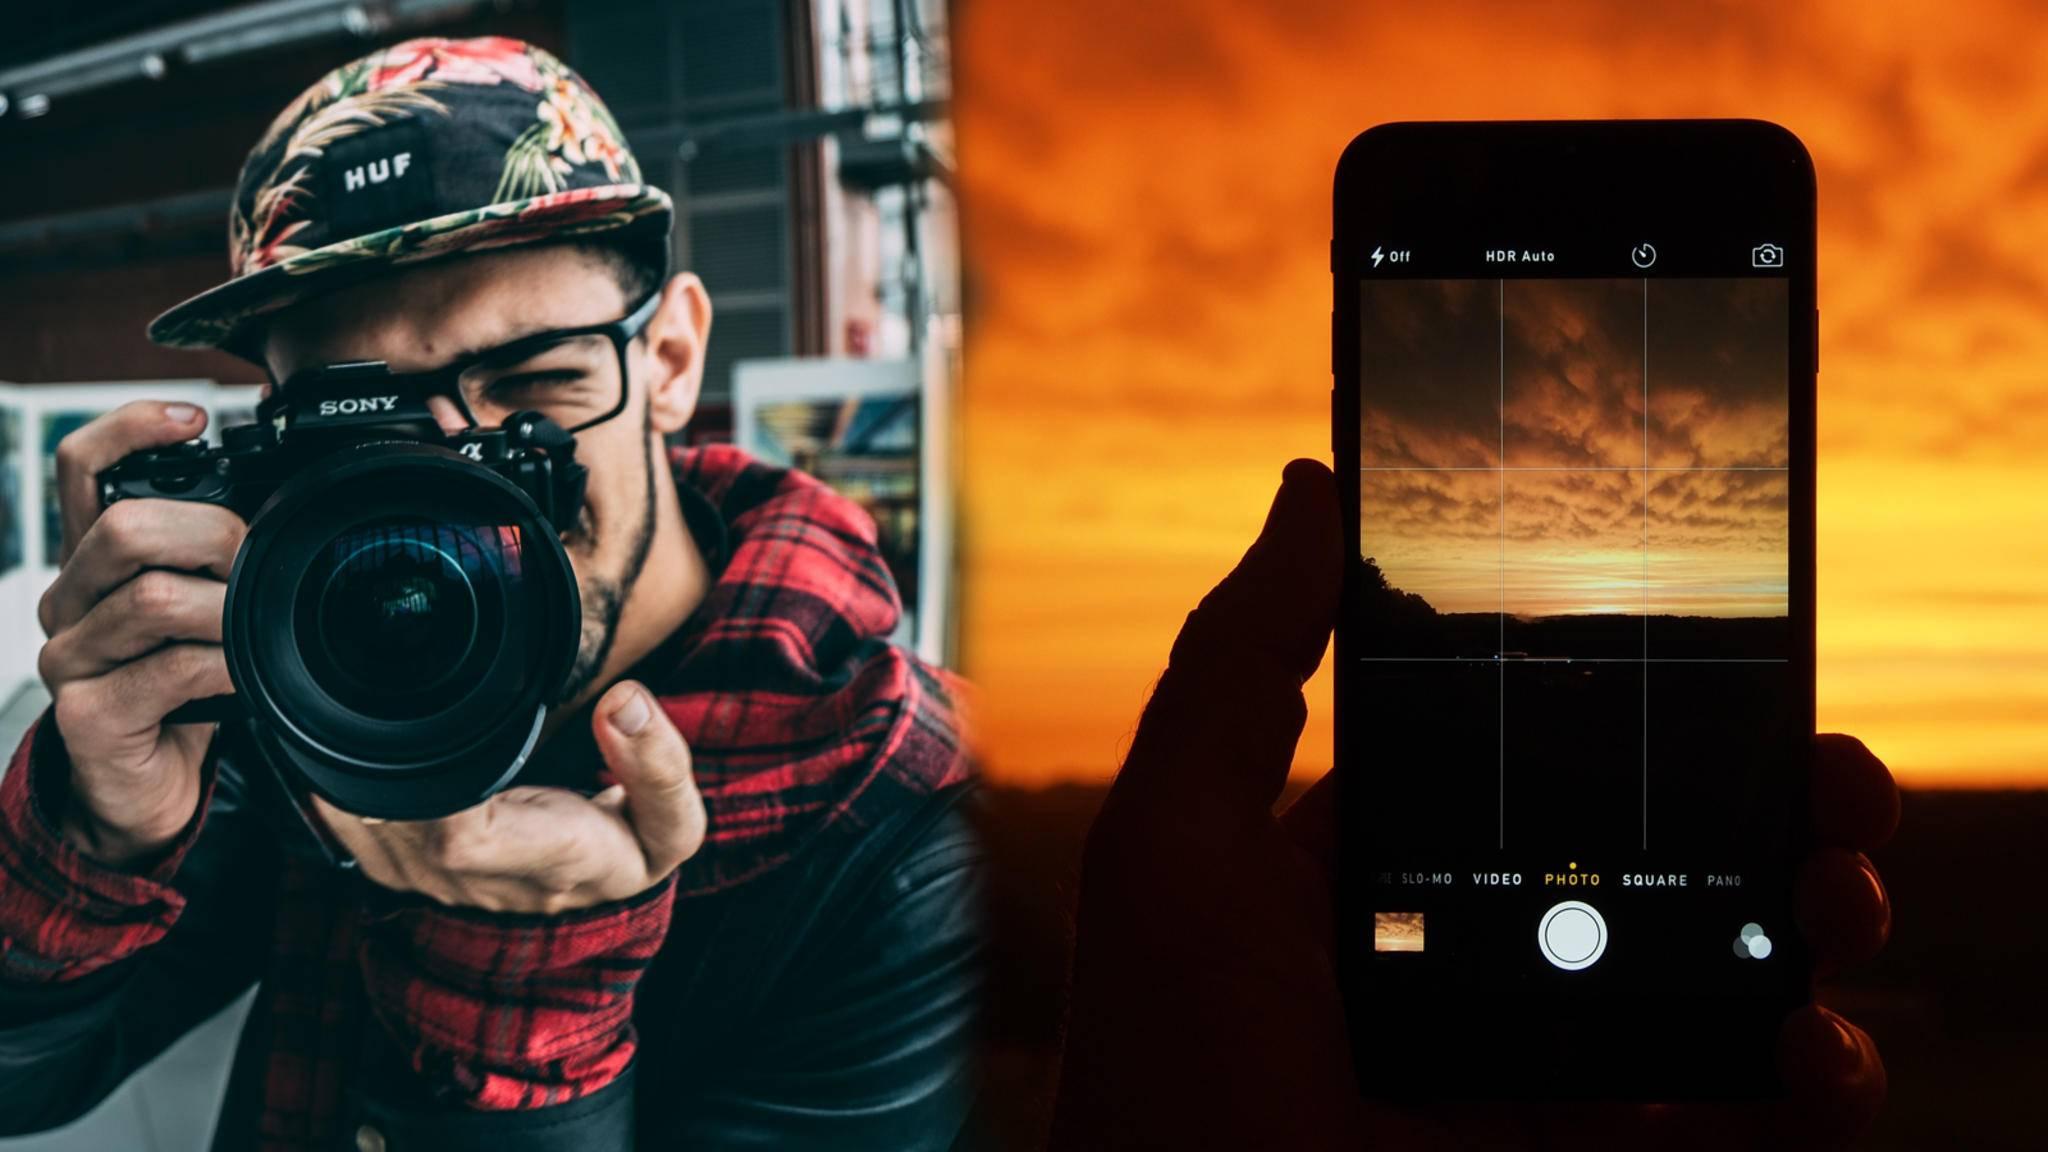 Wer setzt sich im Vergleich Smartphone vs. Kamera durch?